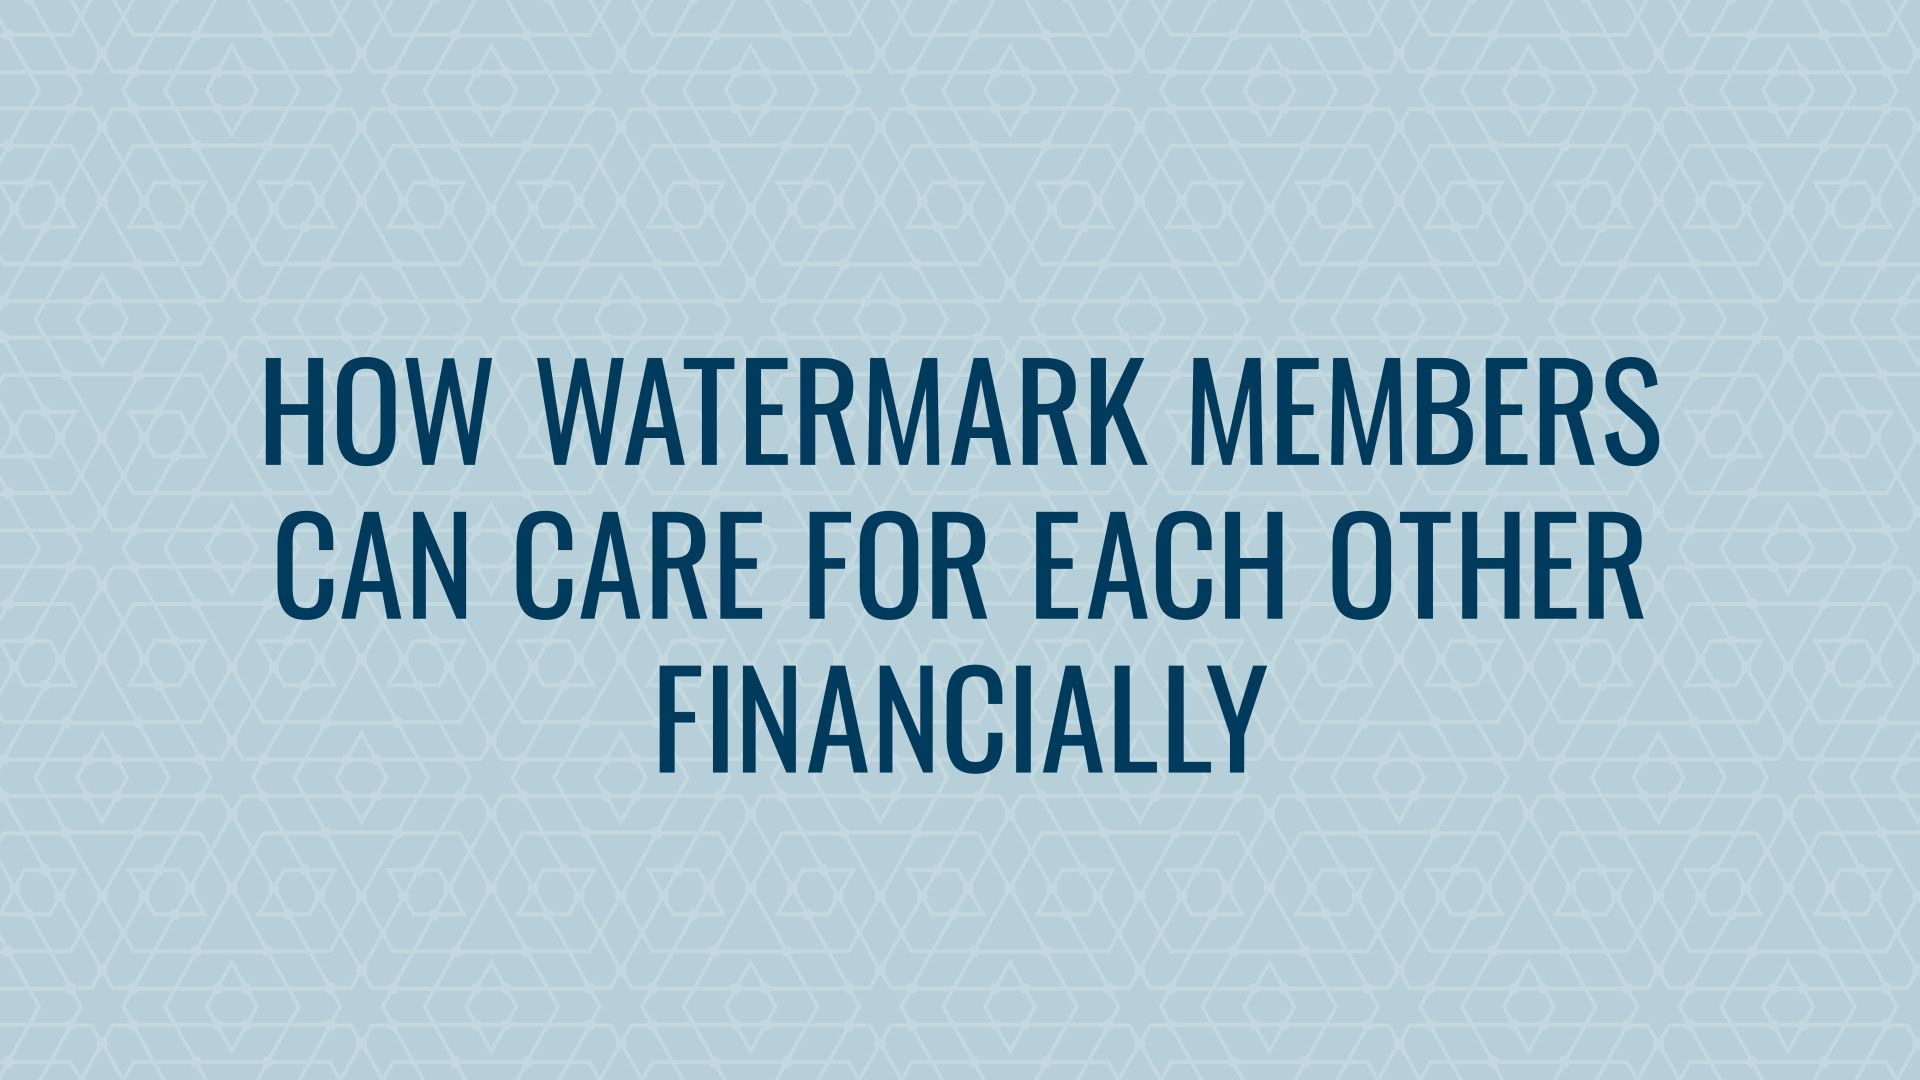 Watermark Members in Financial Need Hero Image